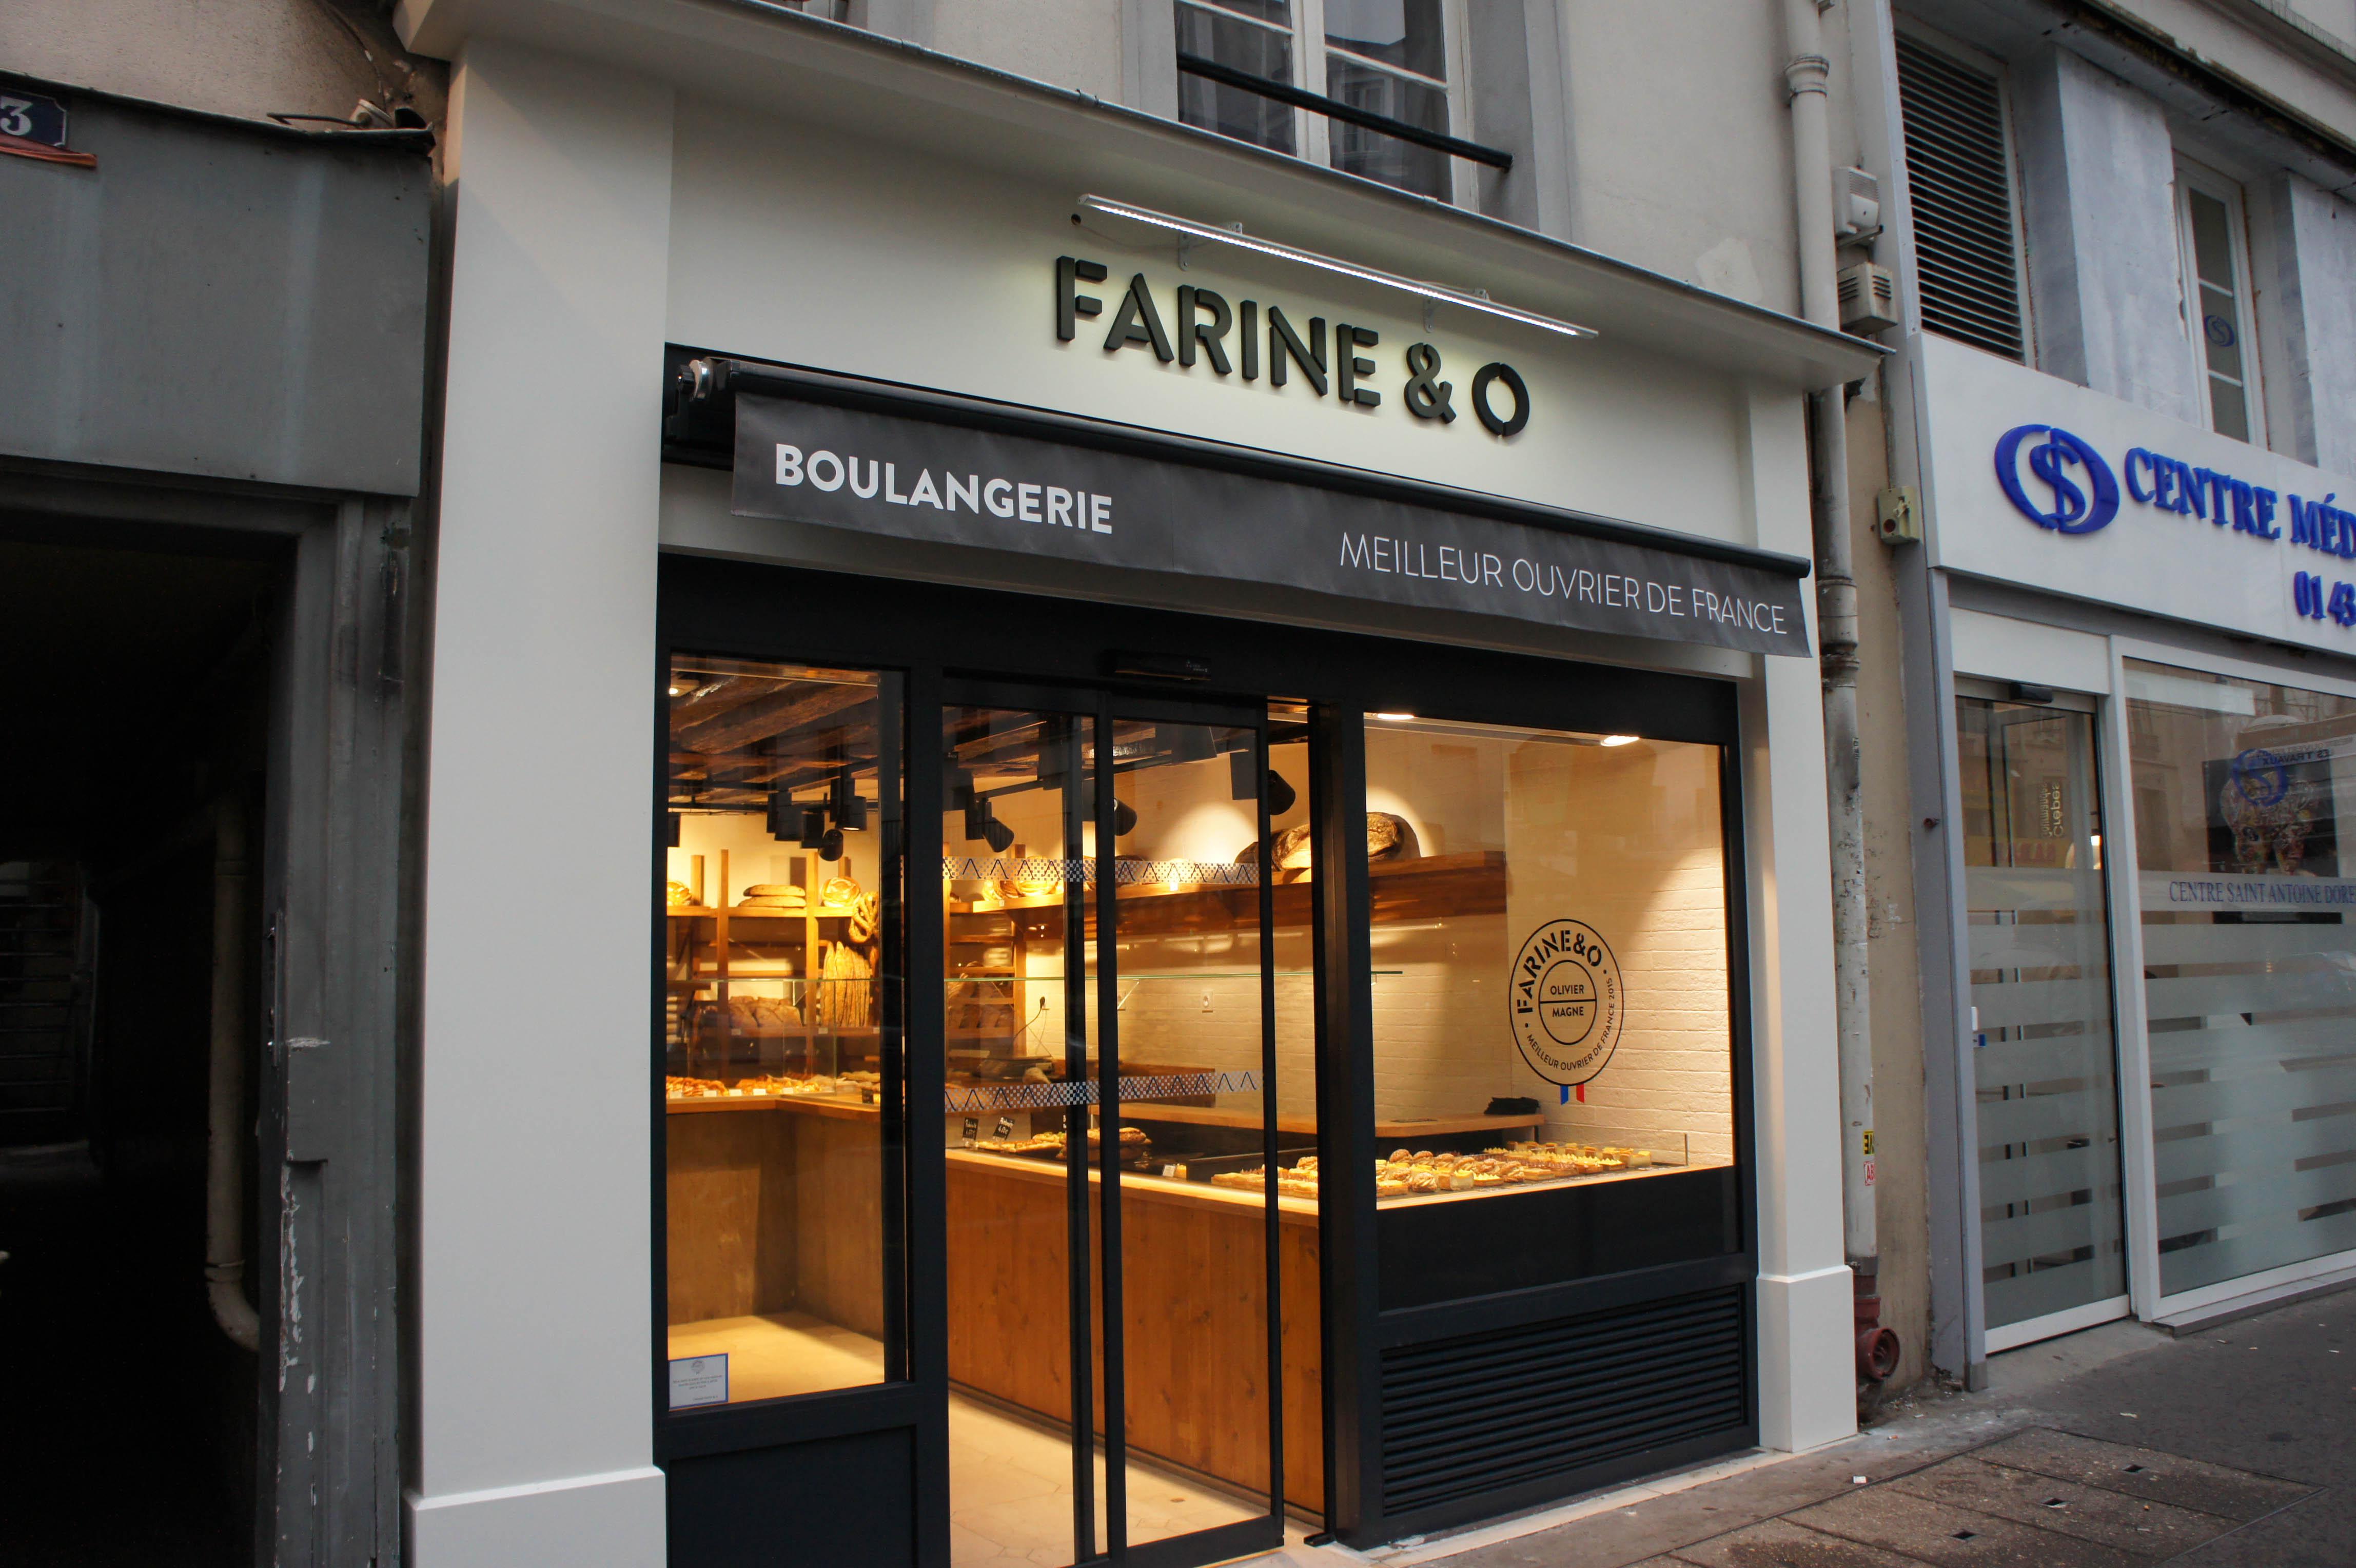 Farine o paris 11 deux l ments faits pour se rencontrer painrisien - Mercerie ouverte dimanche paris ...